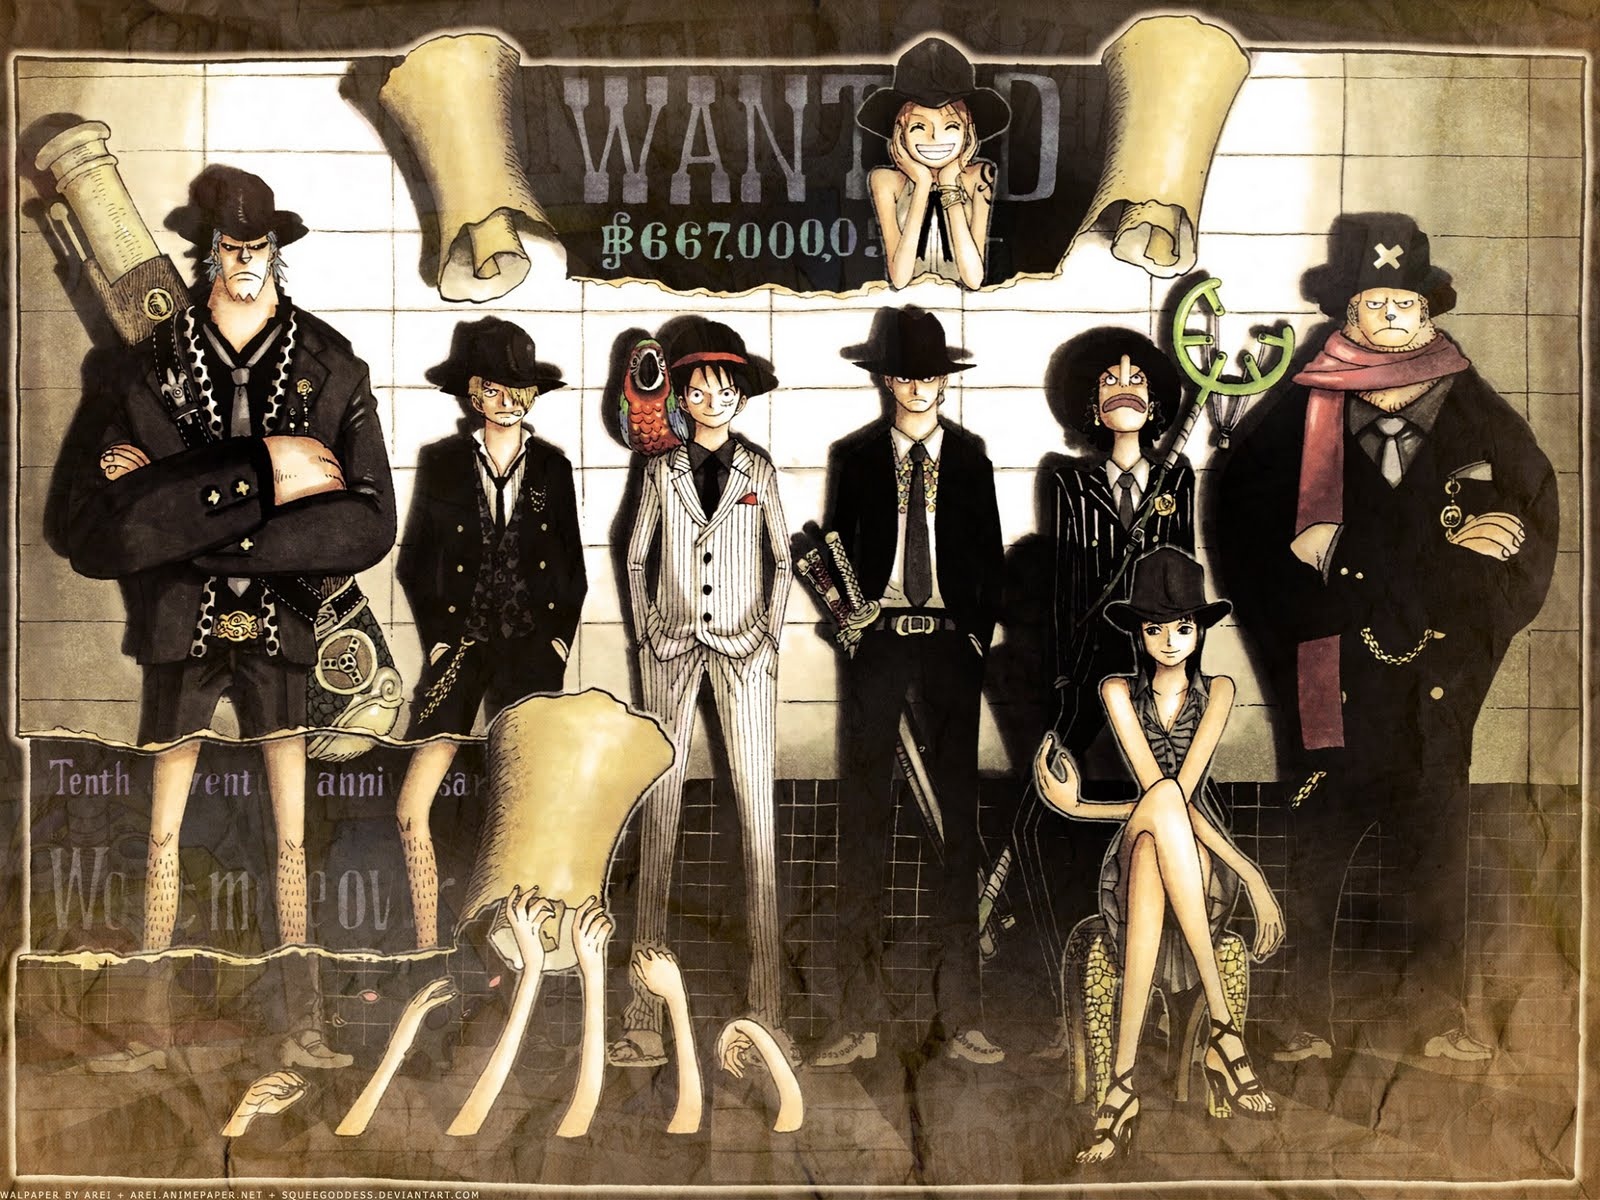 http://2.bp.blogspot.com/_9TIUx8-6uQw/TNqMQlXHO0I/AAAAAAAAAeM/q2p3TU6LQ0Y/s1600/One-Piece-Wallpapers-014.jpg